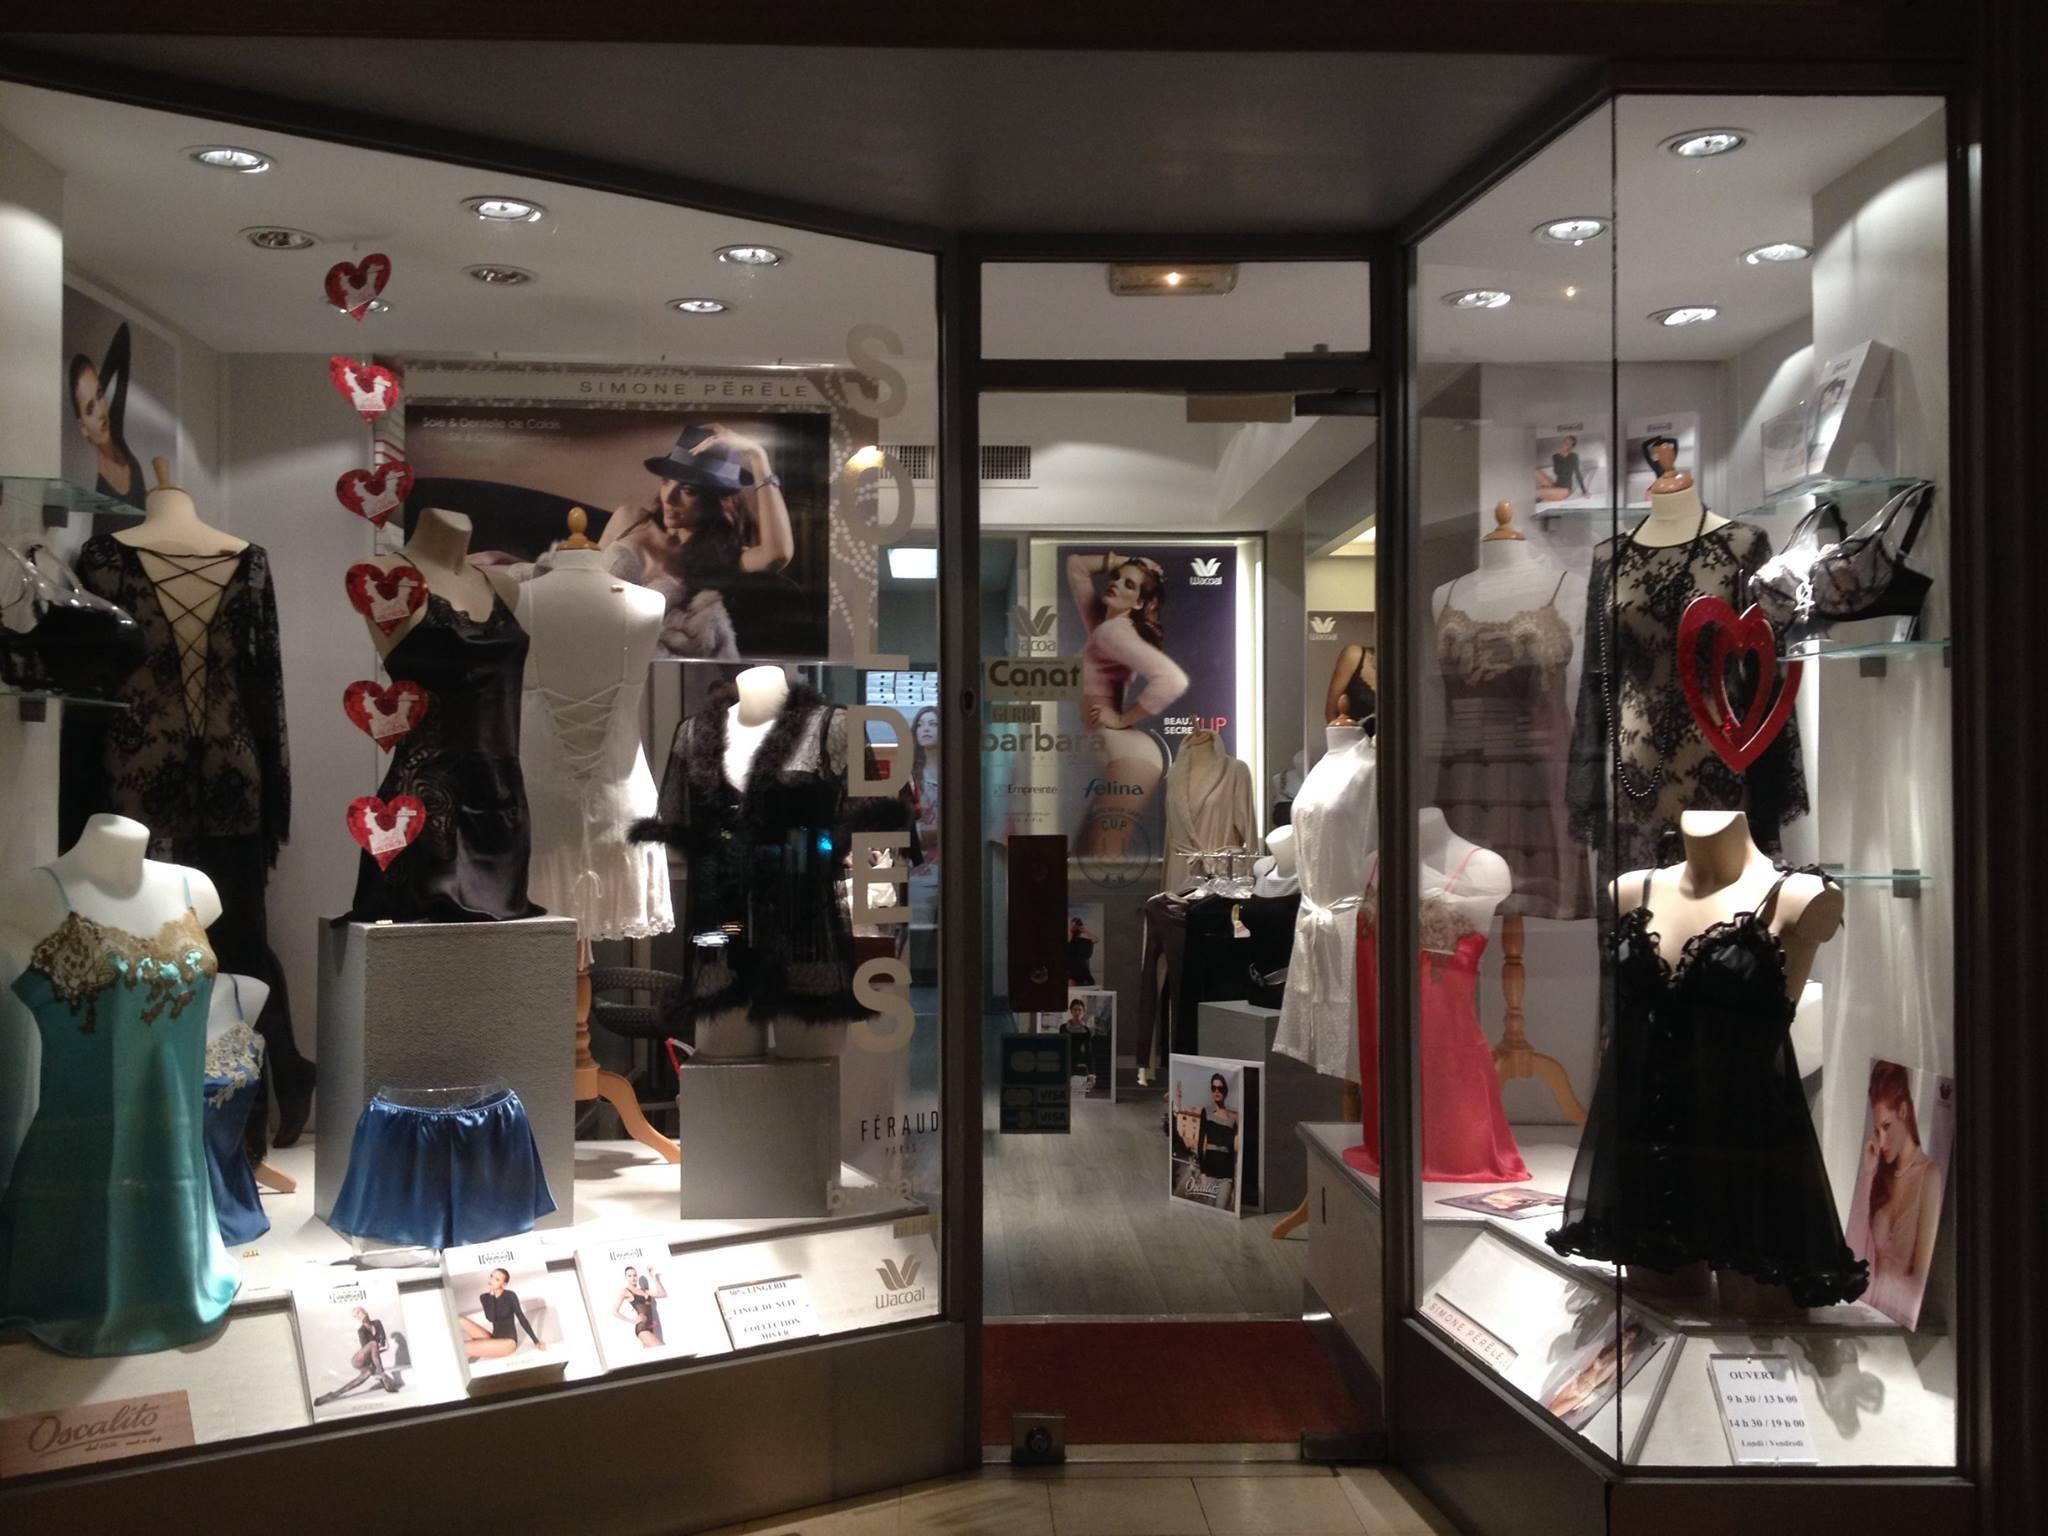 Réservation d'articles MONACO Loungewear Conseils personnalisés Réservation d'articles Réponse sous 48h